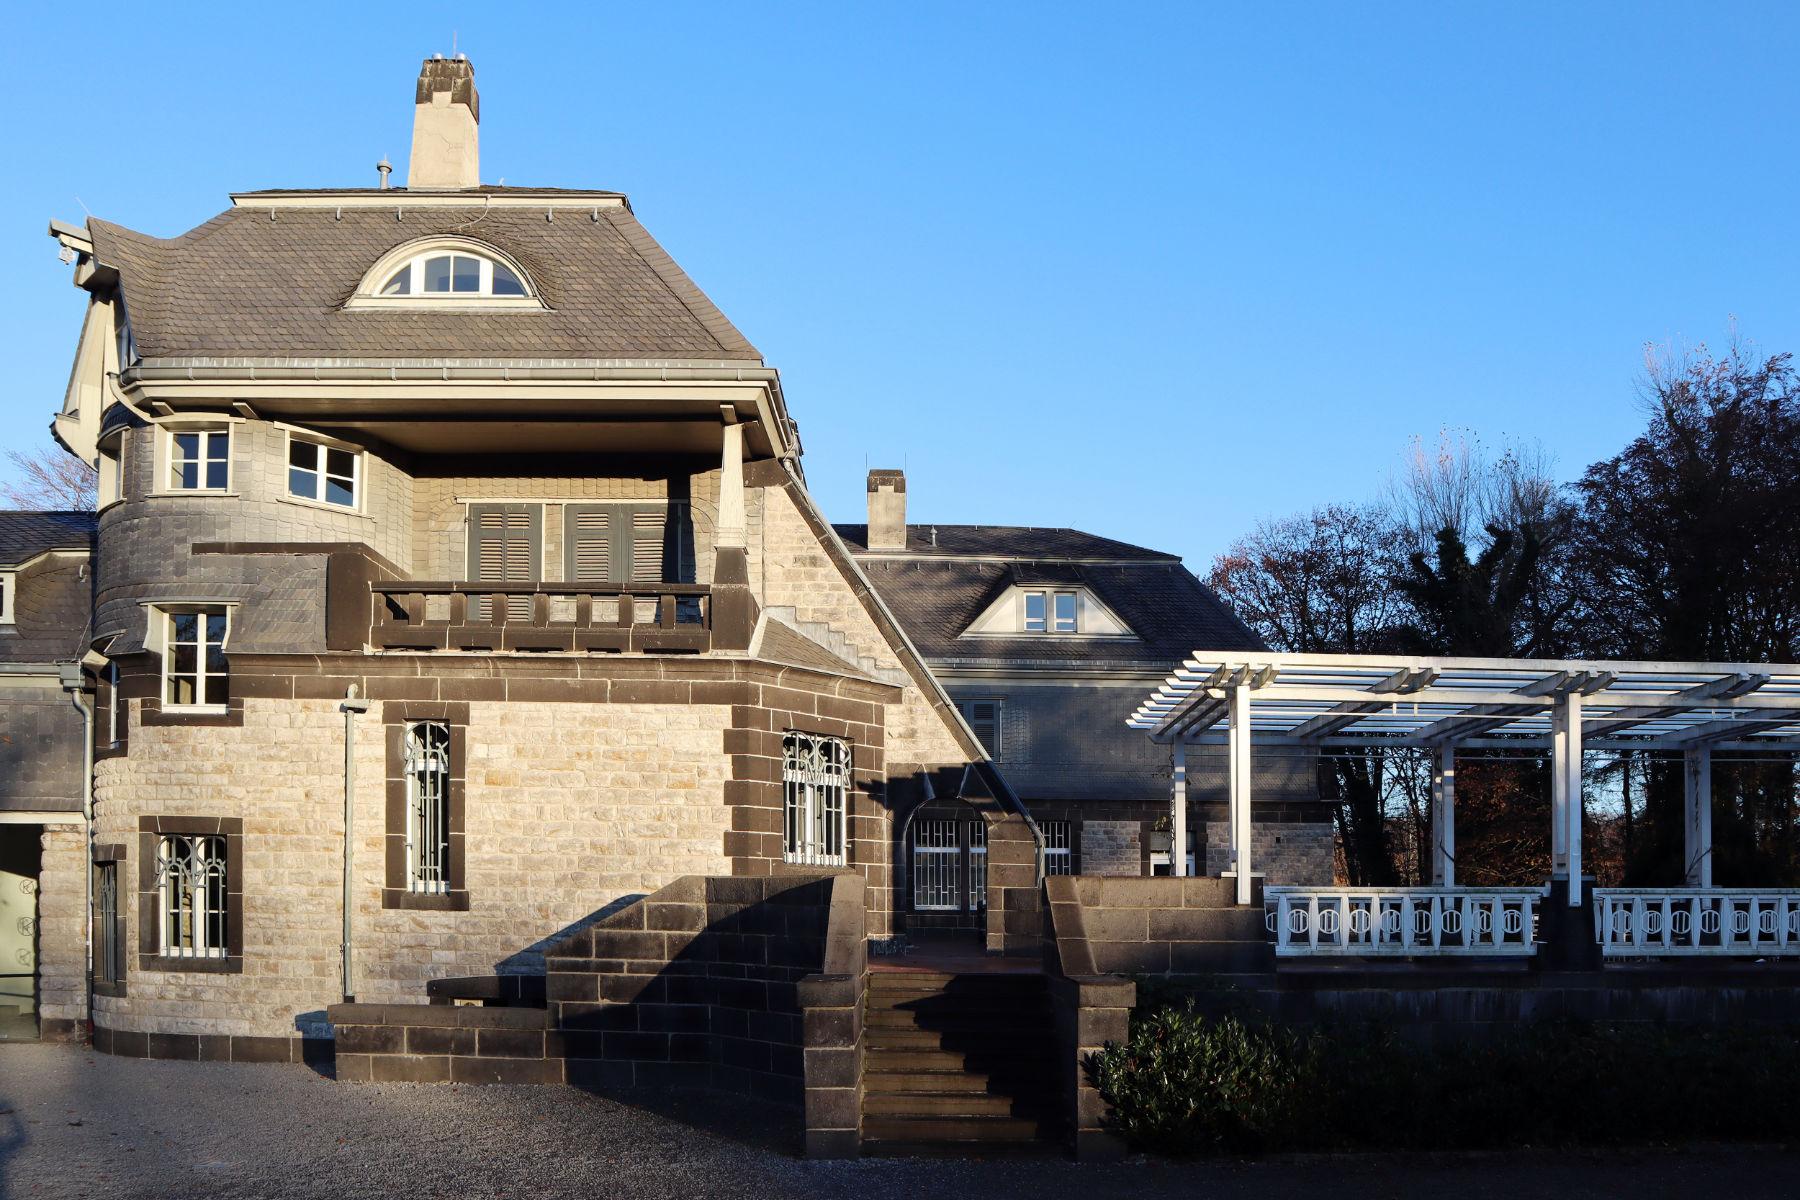 Der Hohenhof. Das Anwesen wurde nach einem Entwurf des belgisch-flämischen Architekten und Designers Henry van de Velde gebaut.